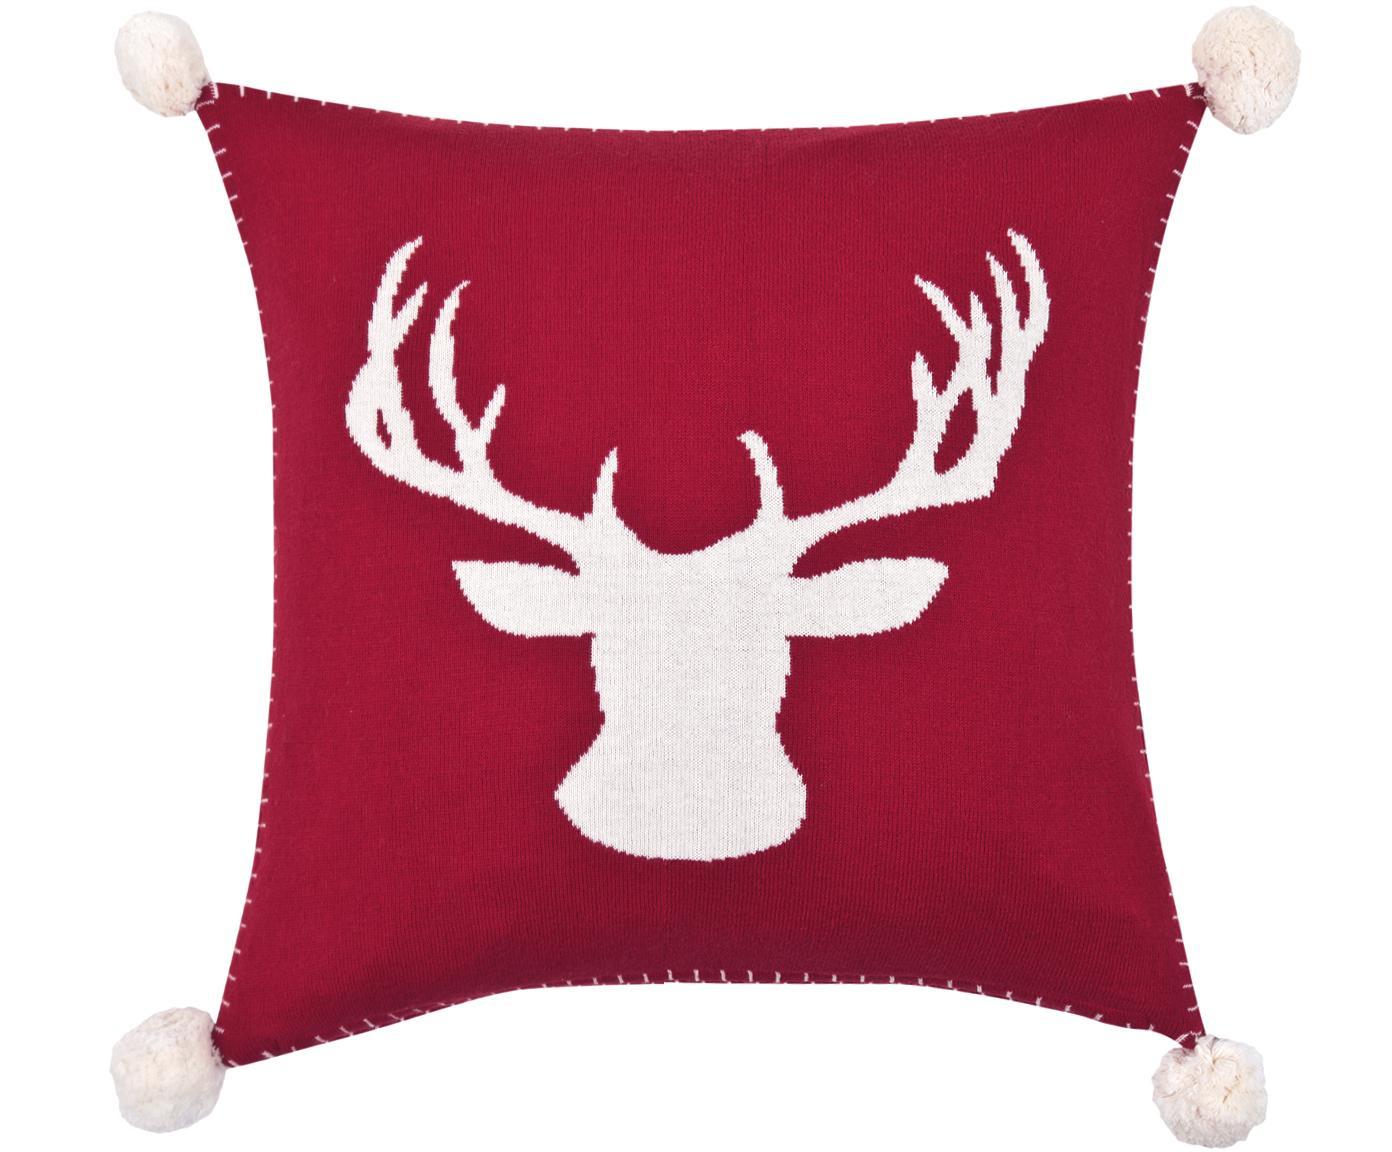 Dzianinowa poszewka na poduszkę Anders, 100% bawełna, Czerwony, kremowobiały, S 40 x D 40 cm